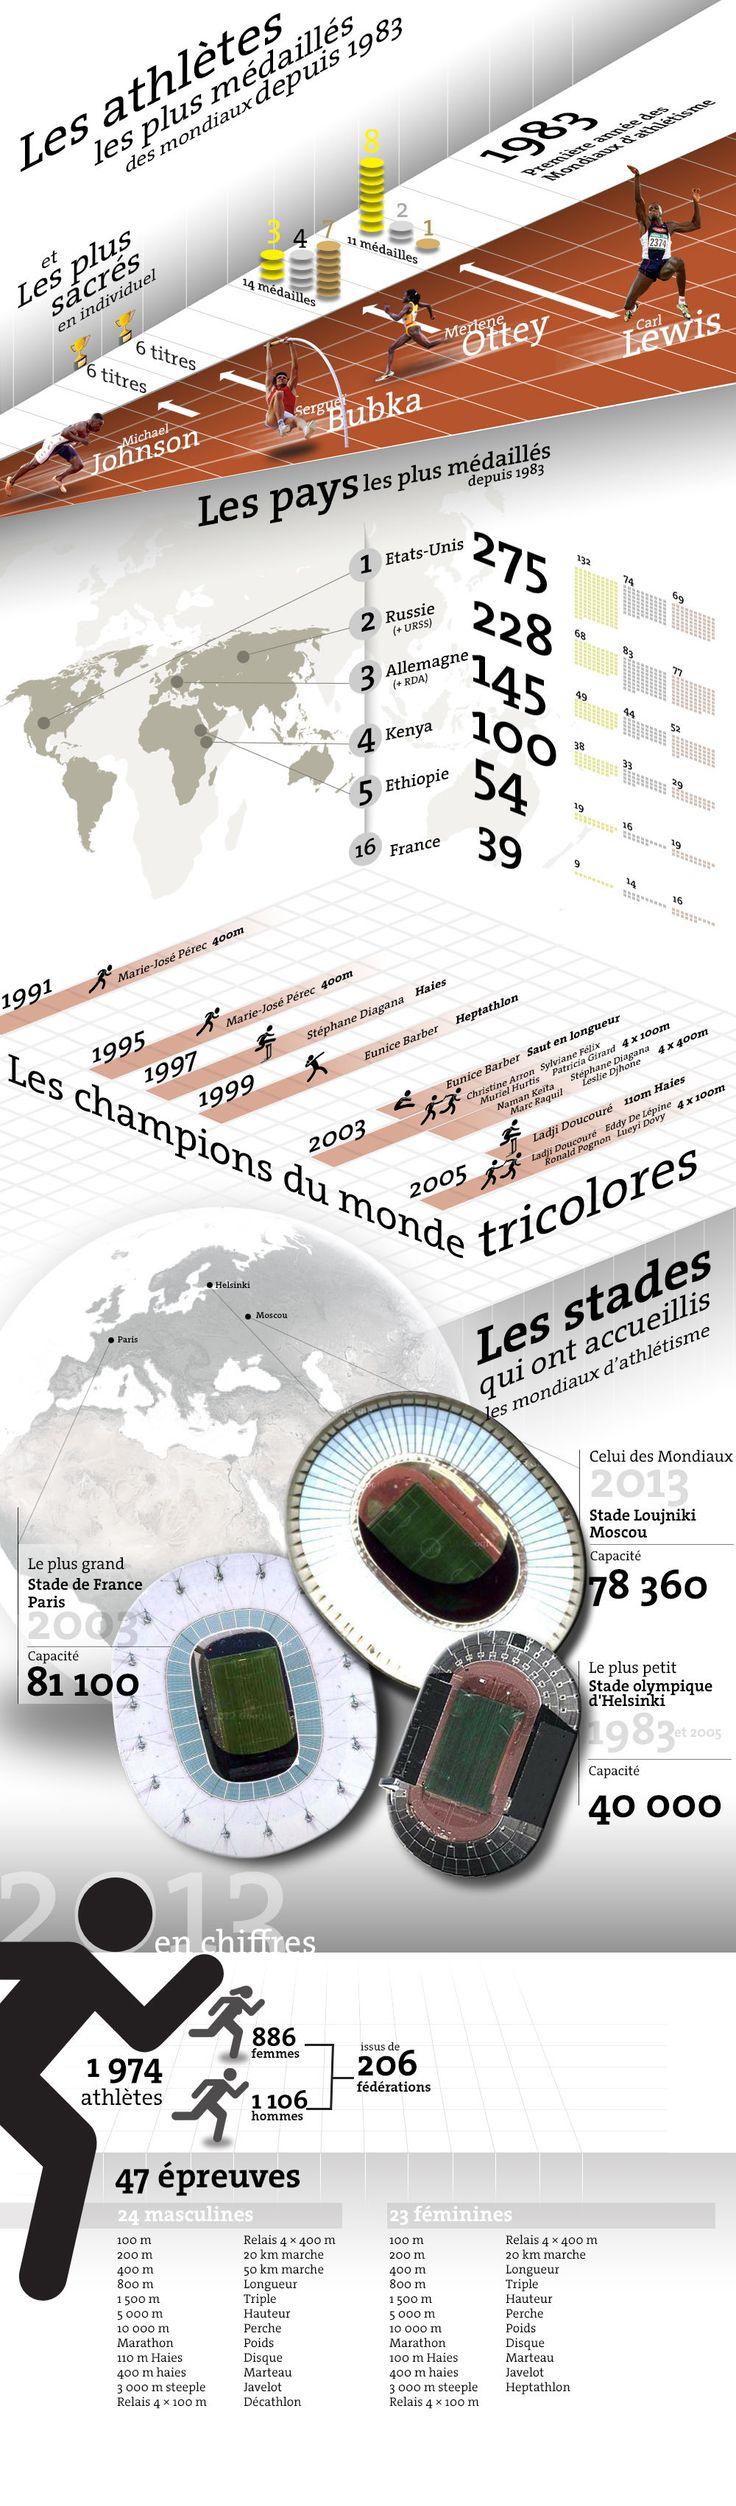 Les mondiaux 2013 d'athlétisme en chiffres.